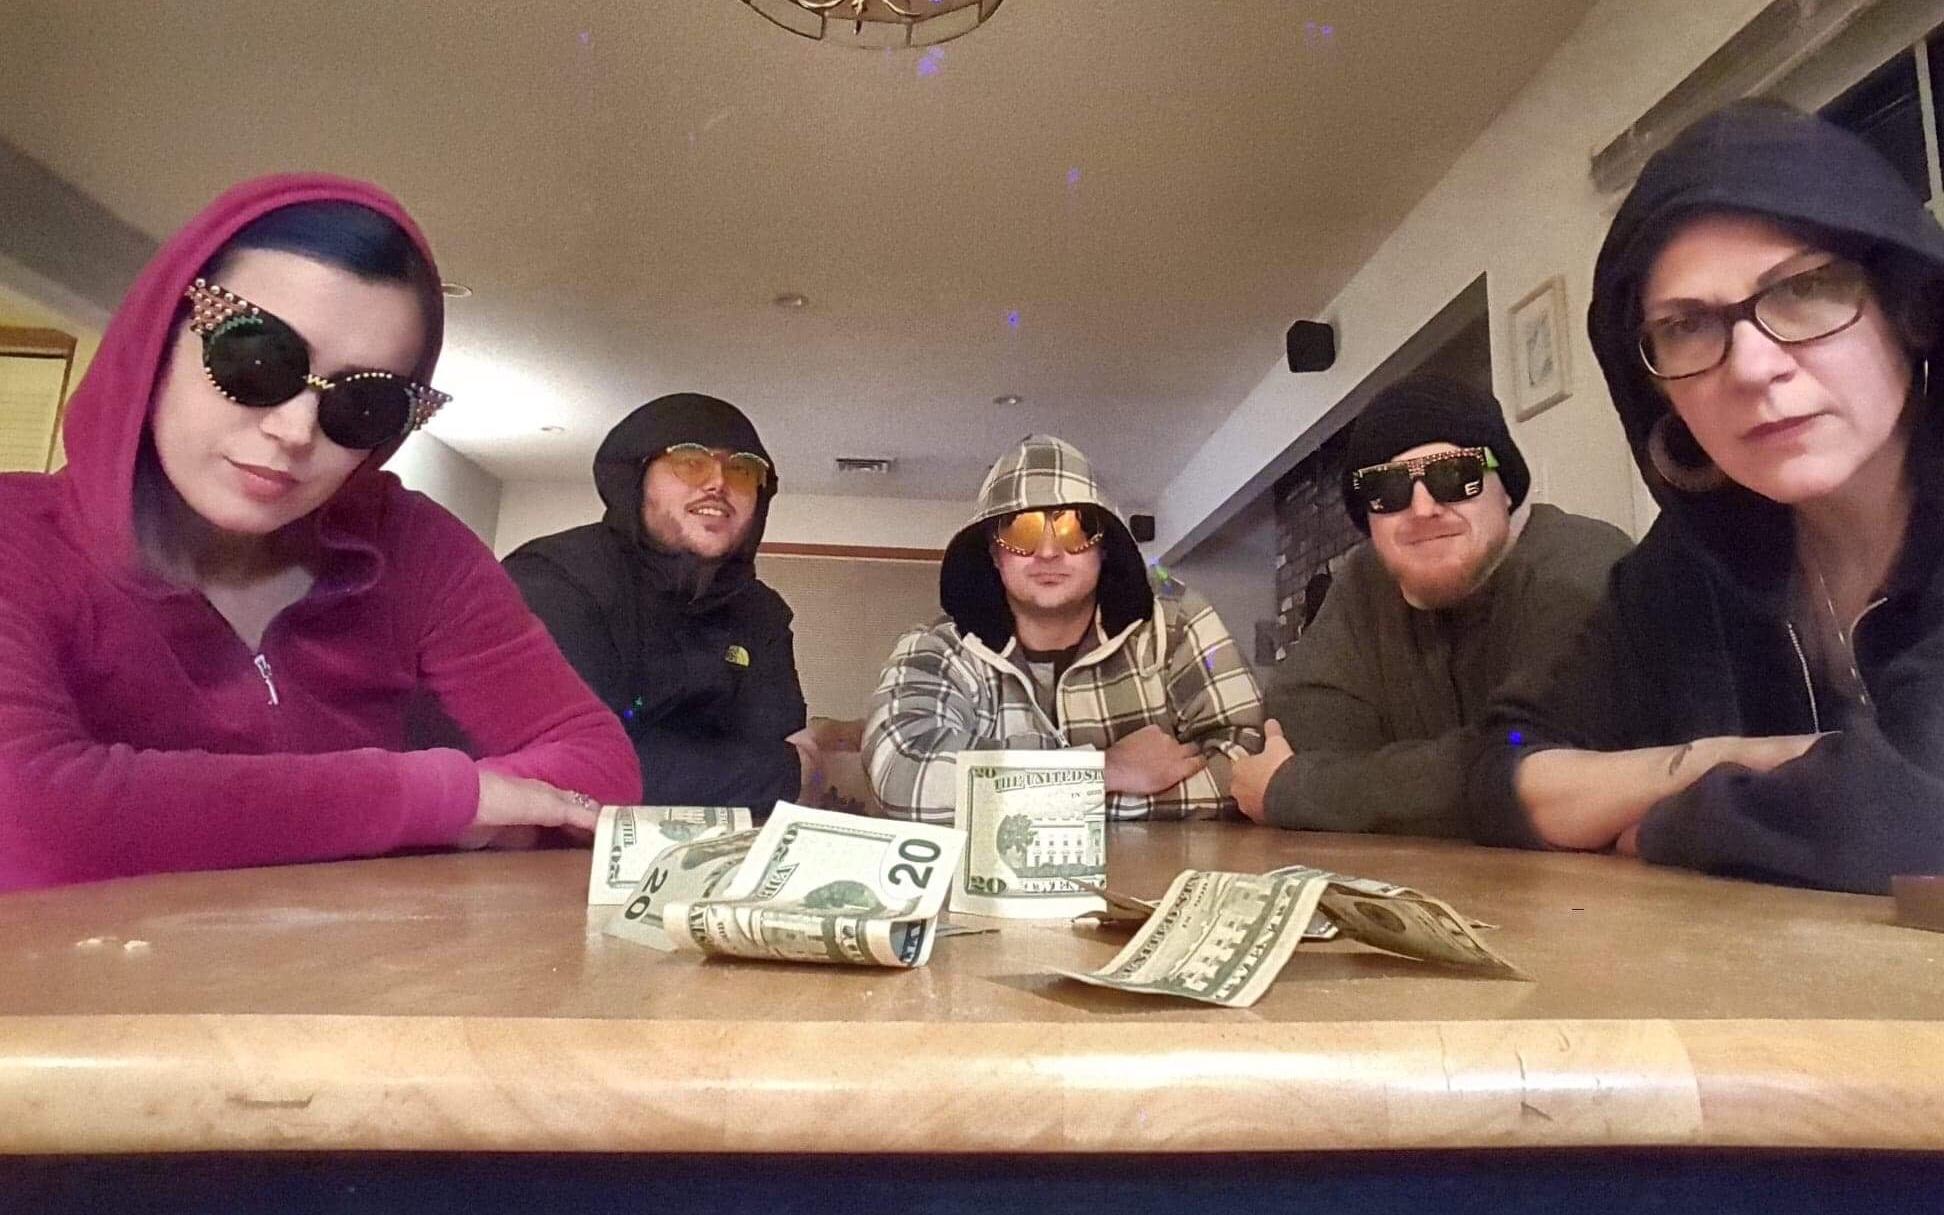 Крис в окружении друзей, на столе купюры и остатки напоминающего кокаин порошка. Фото ©facebook.com/Evans Shades